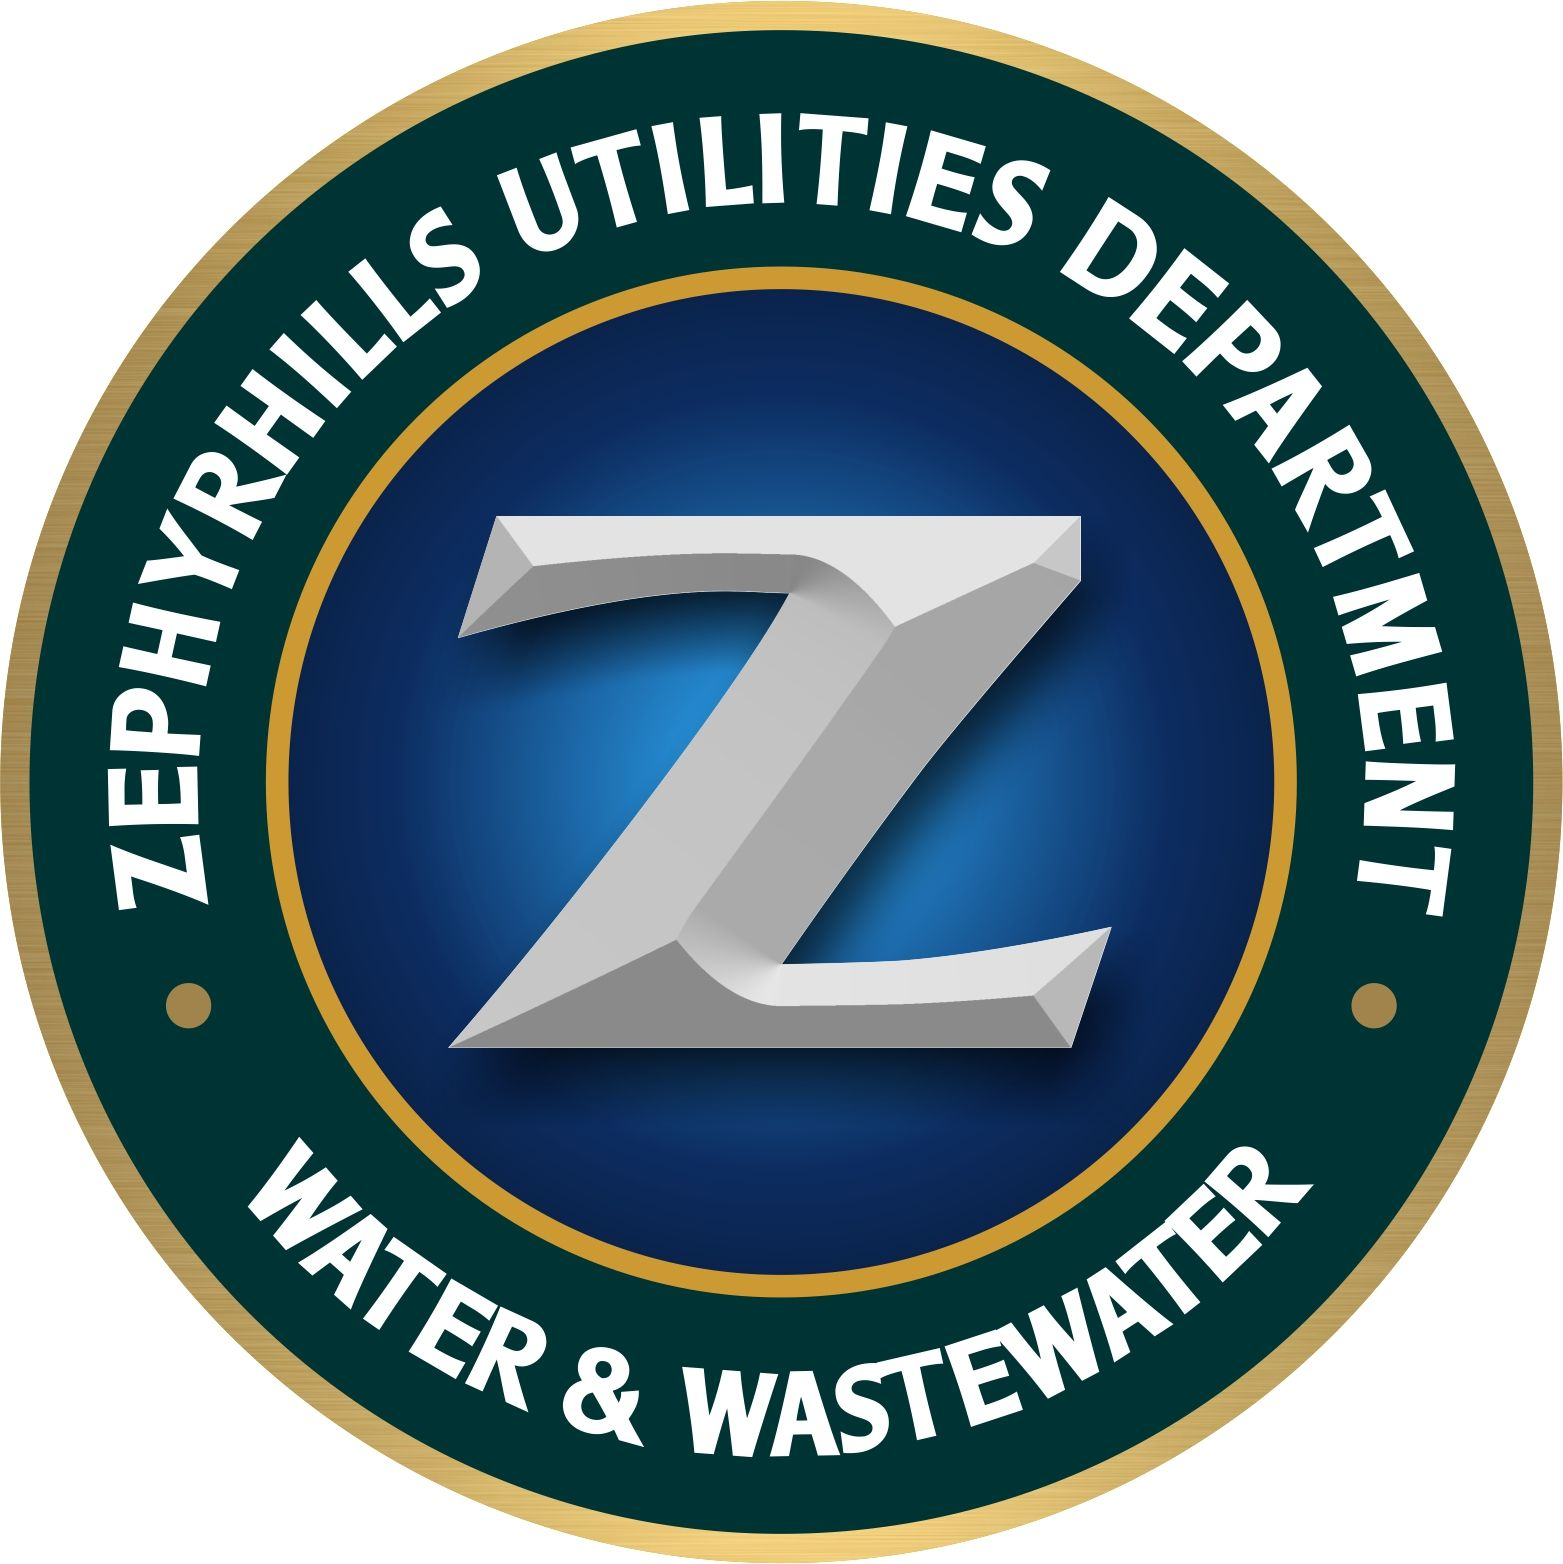 City of Zephyrhills Utilities